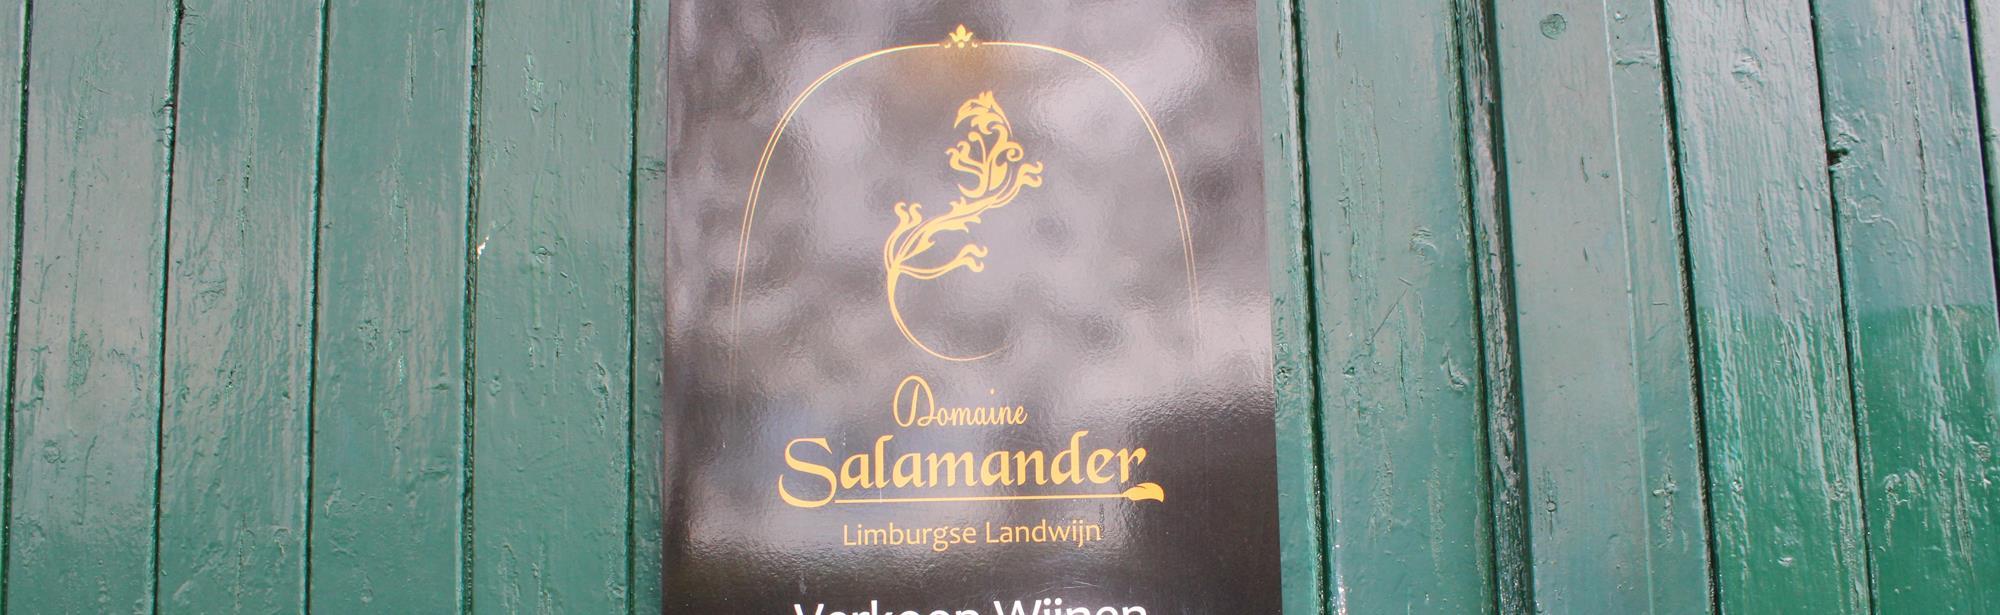 Domaine Salamander